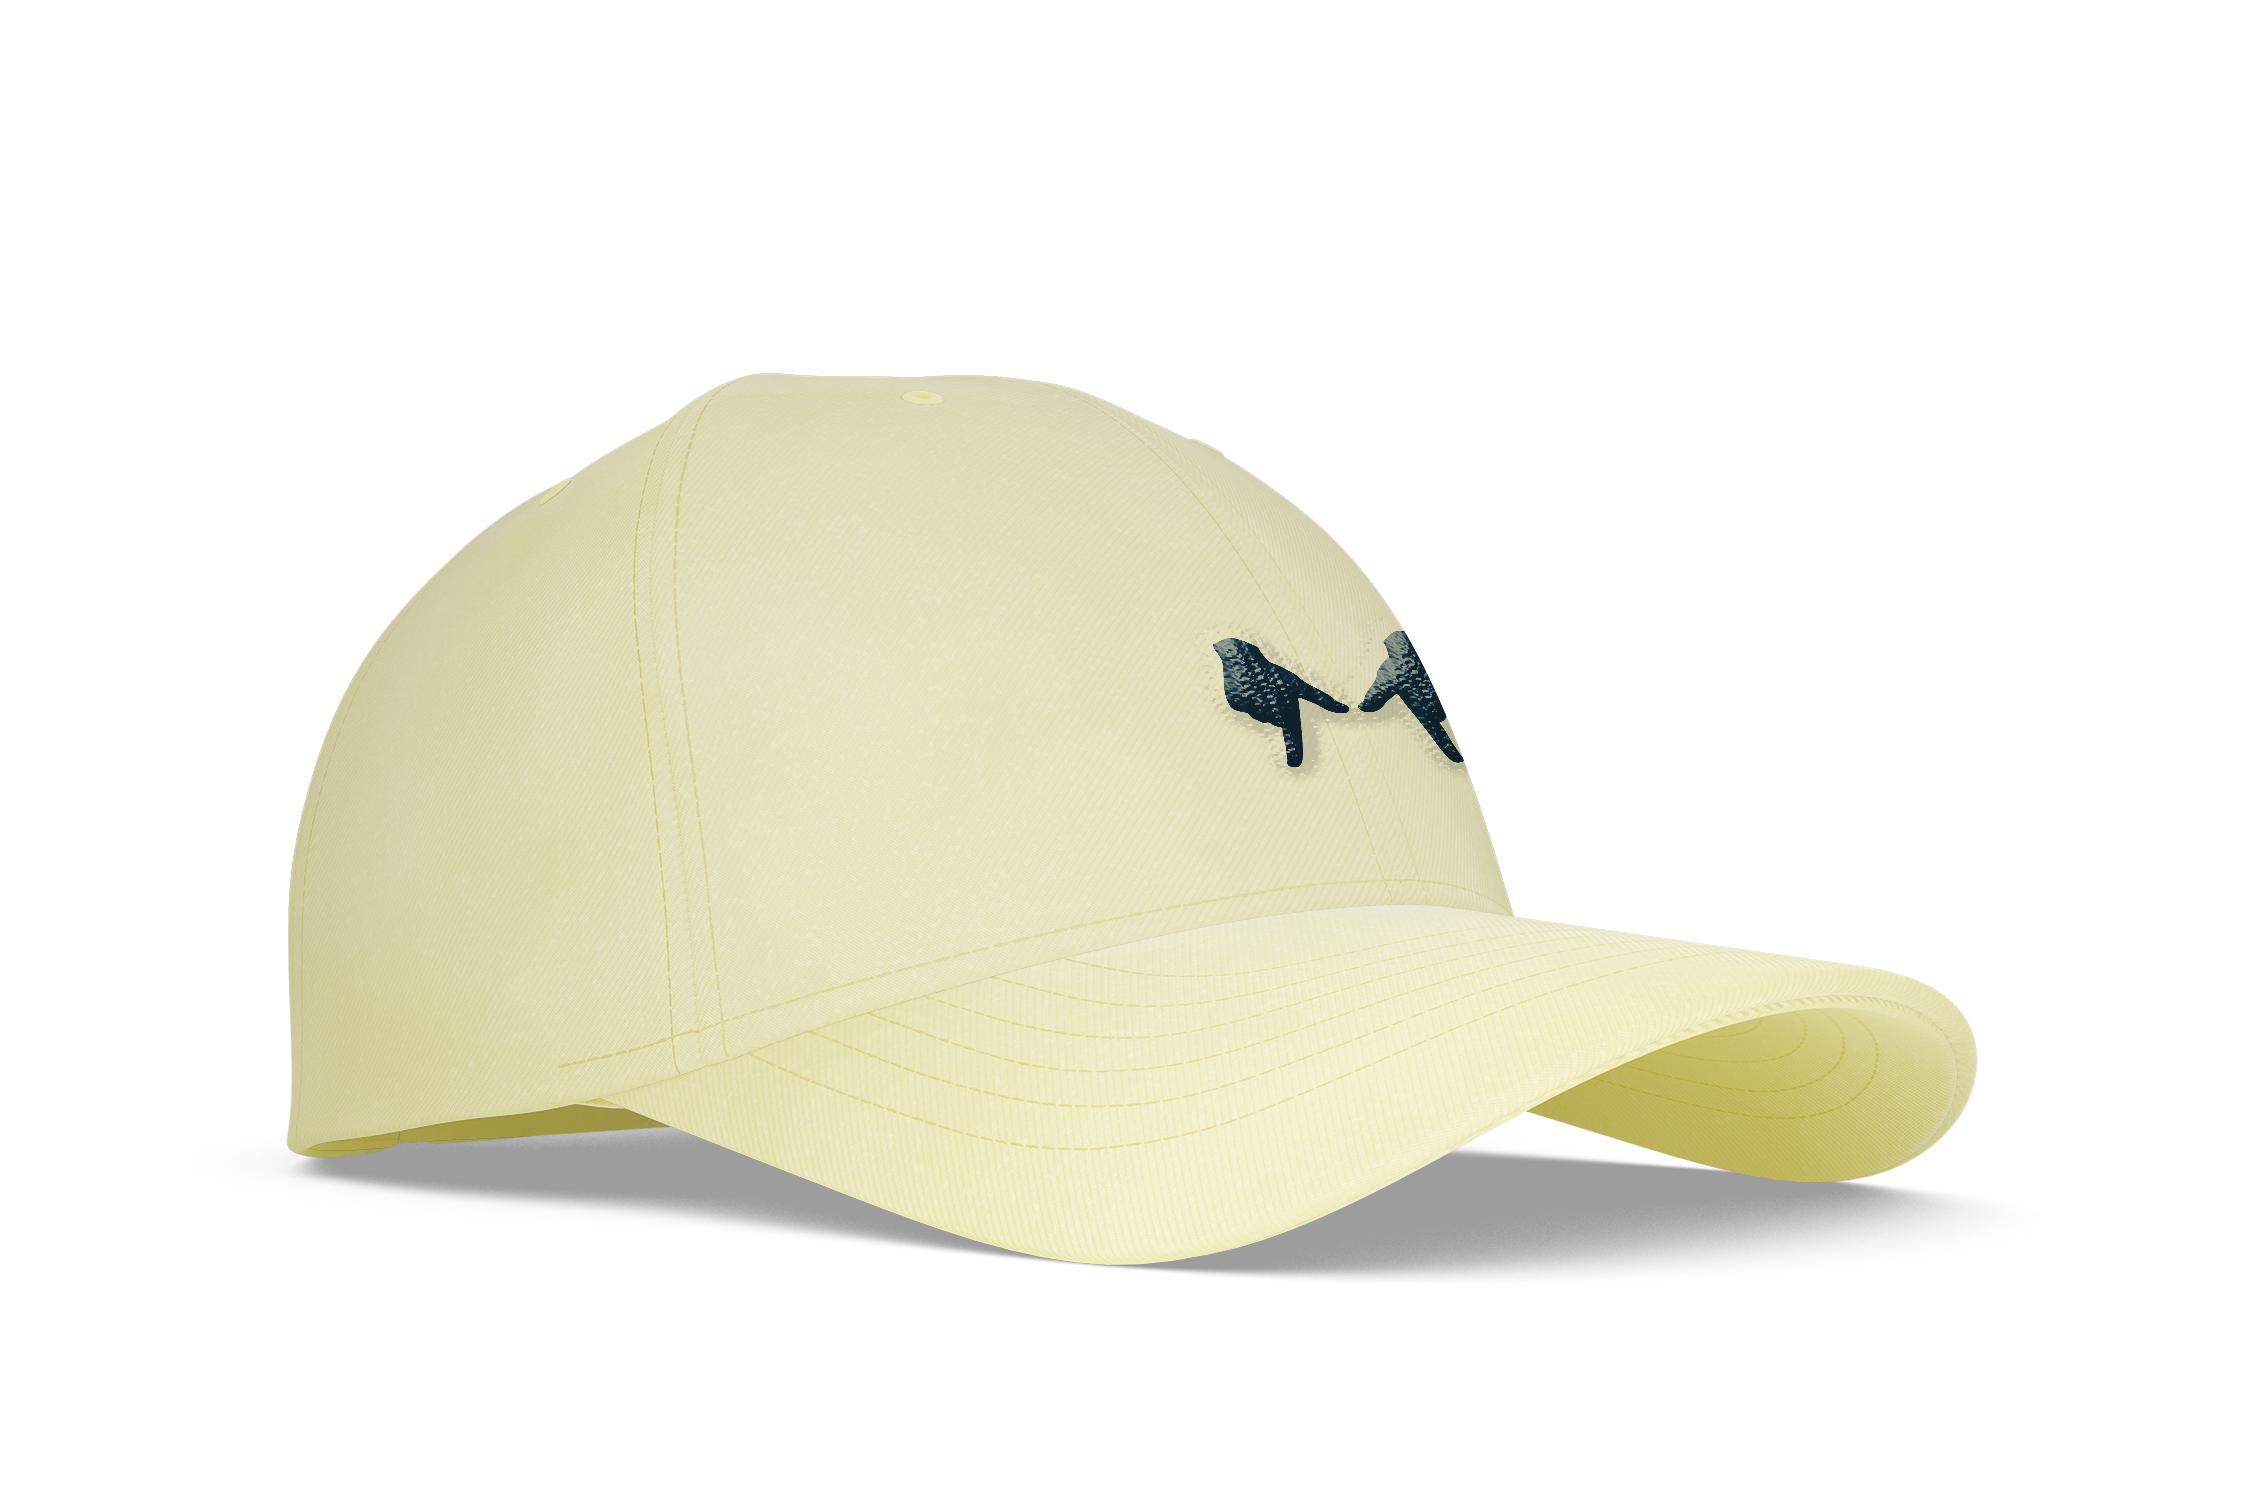 Hat Designs - Photo Mockups - Design 3b.png